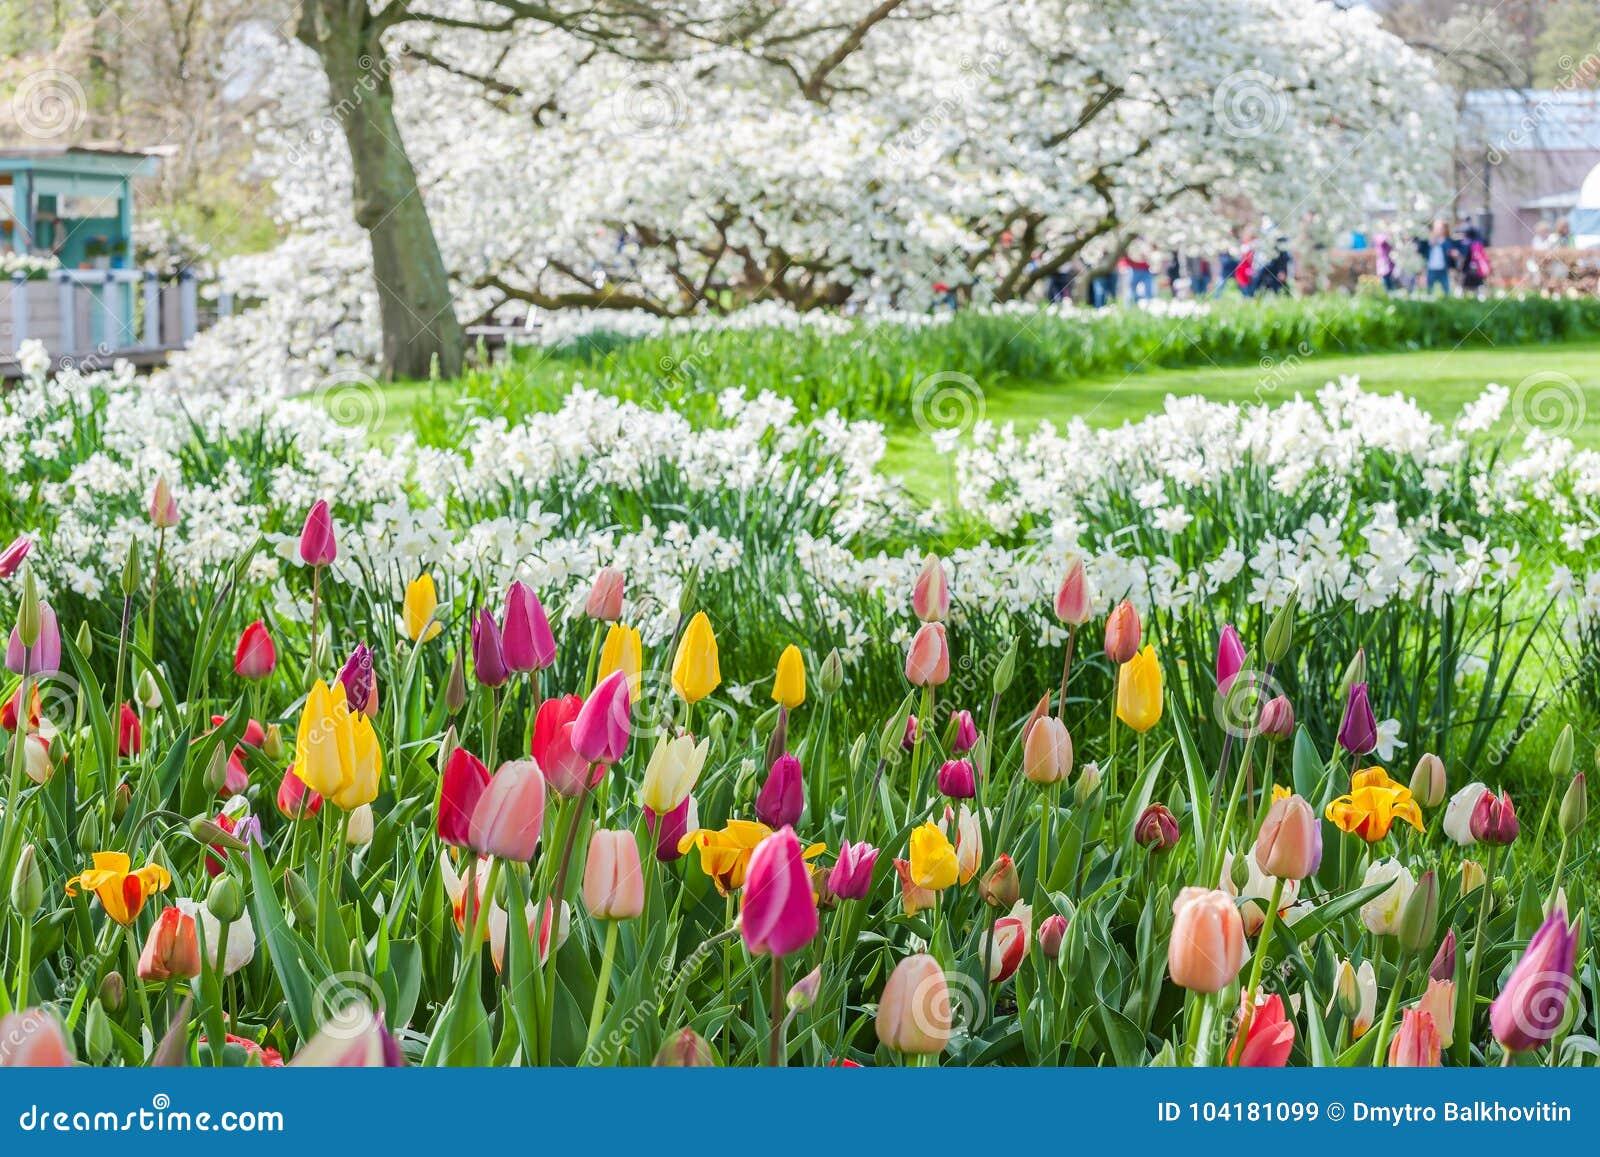 Spring View Of Keukenhof Park Stock Image Image Of Beautiful